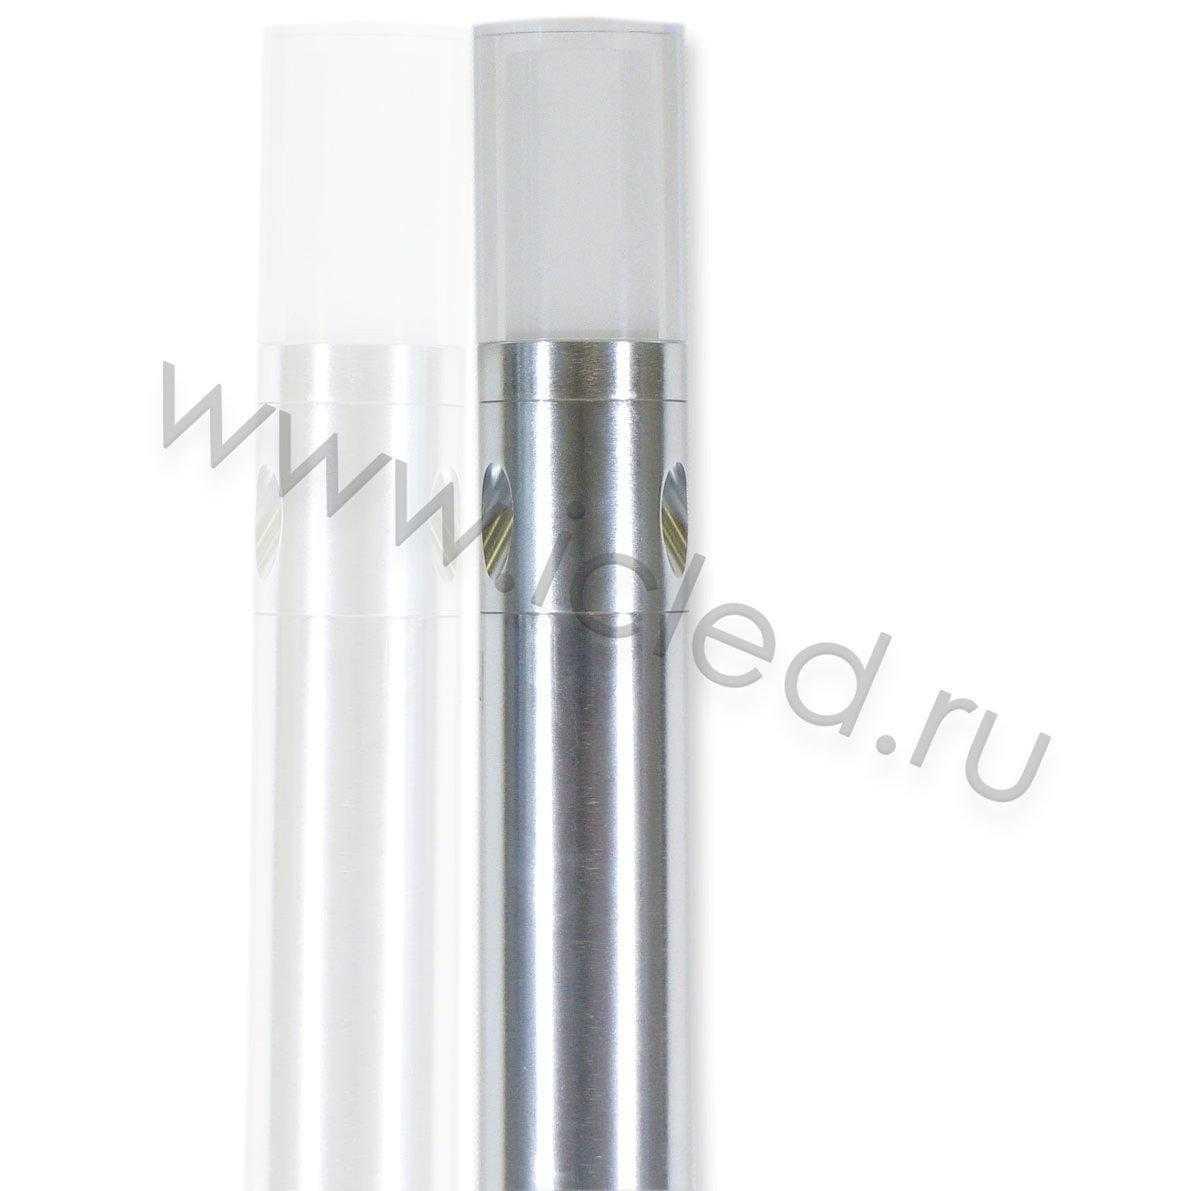 Светодиодный светильник столбик UCR7802D-1000 BRA, White